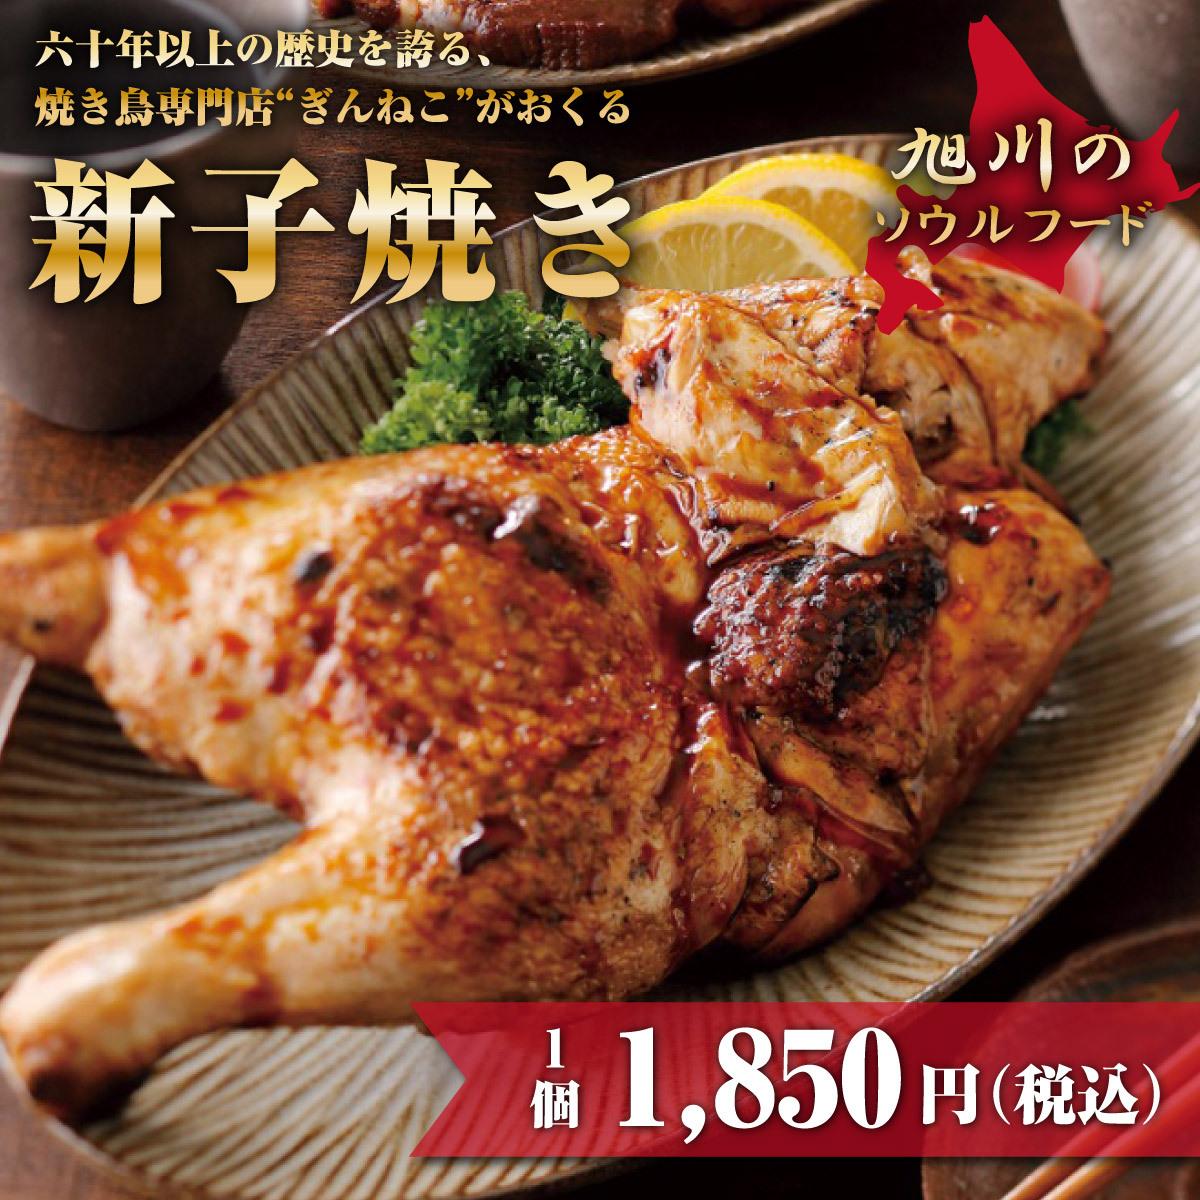 【単品】新子焼き真空冷凍パック(1個入り)